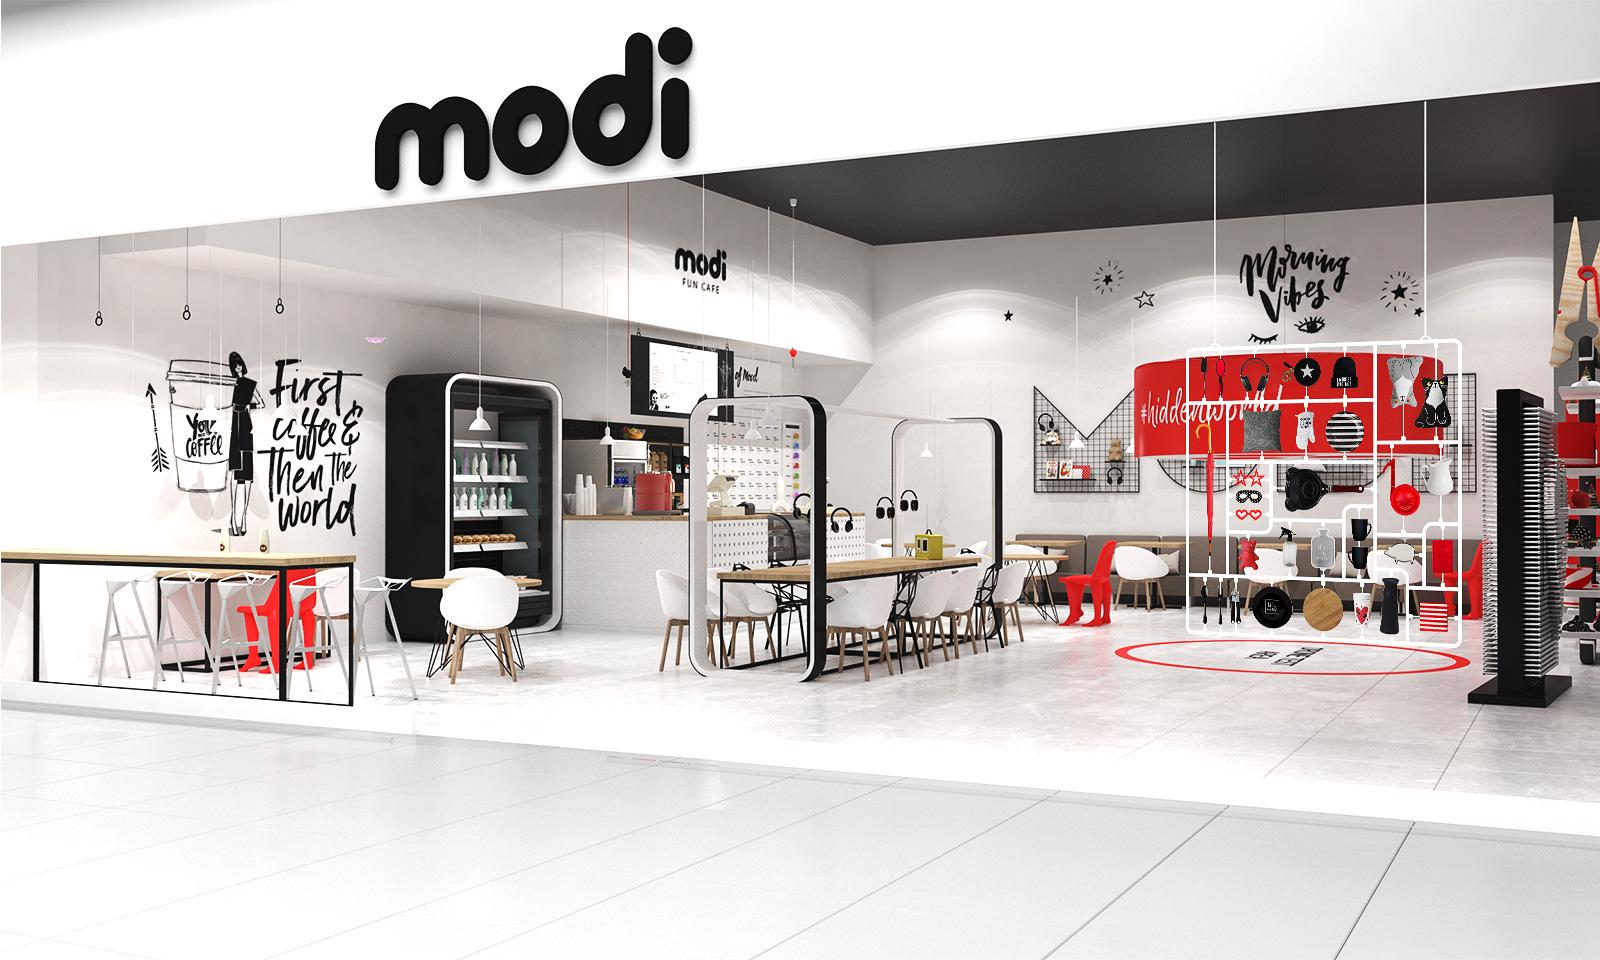 Дизайн кафе продолжает общий фирменный стиль магазинов Modi, привлекает внимание и позволяет посетителям задержаться в торговой точке дольше, получить больше положительных эмоций.